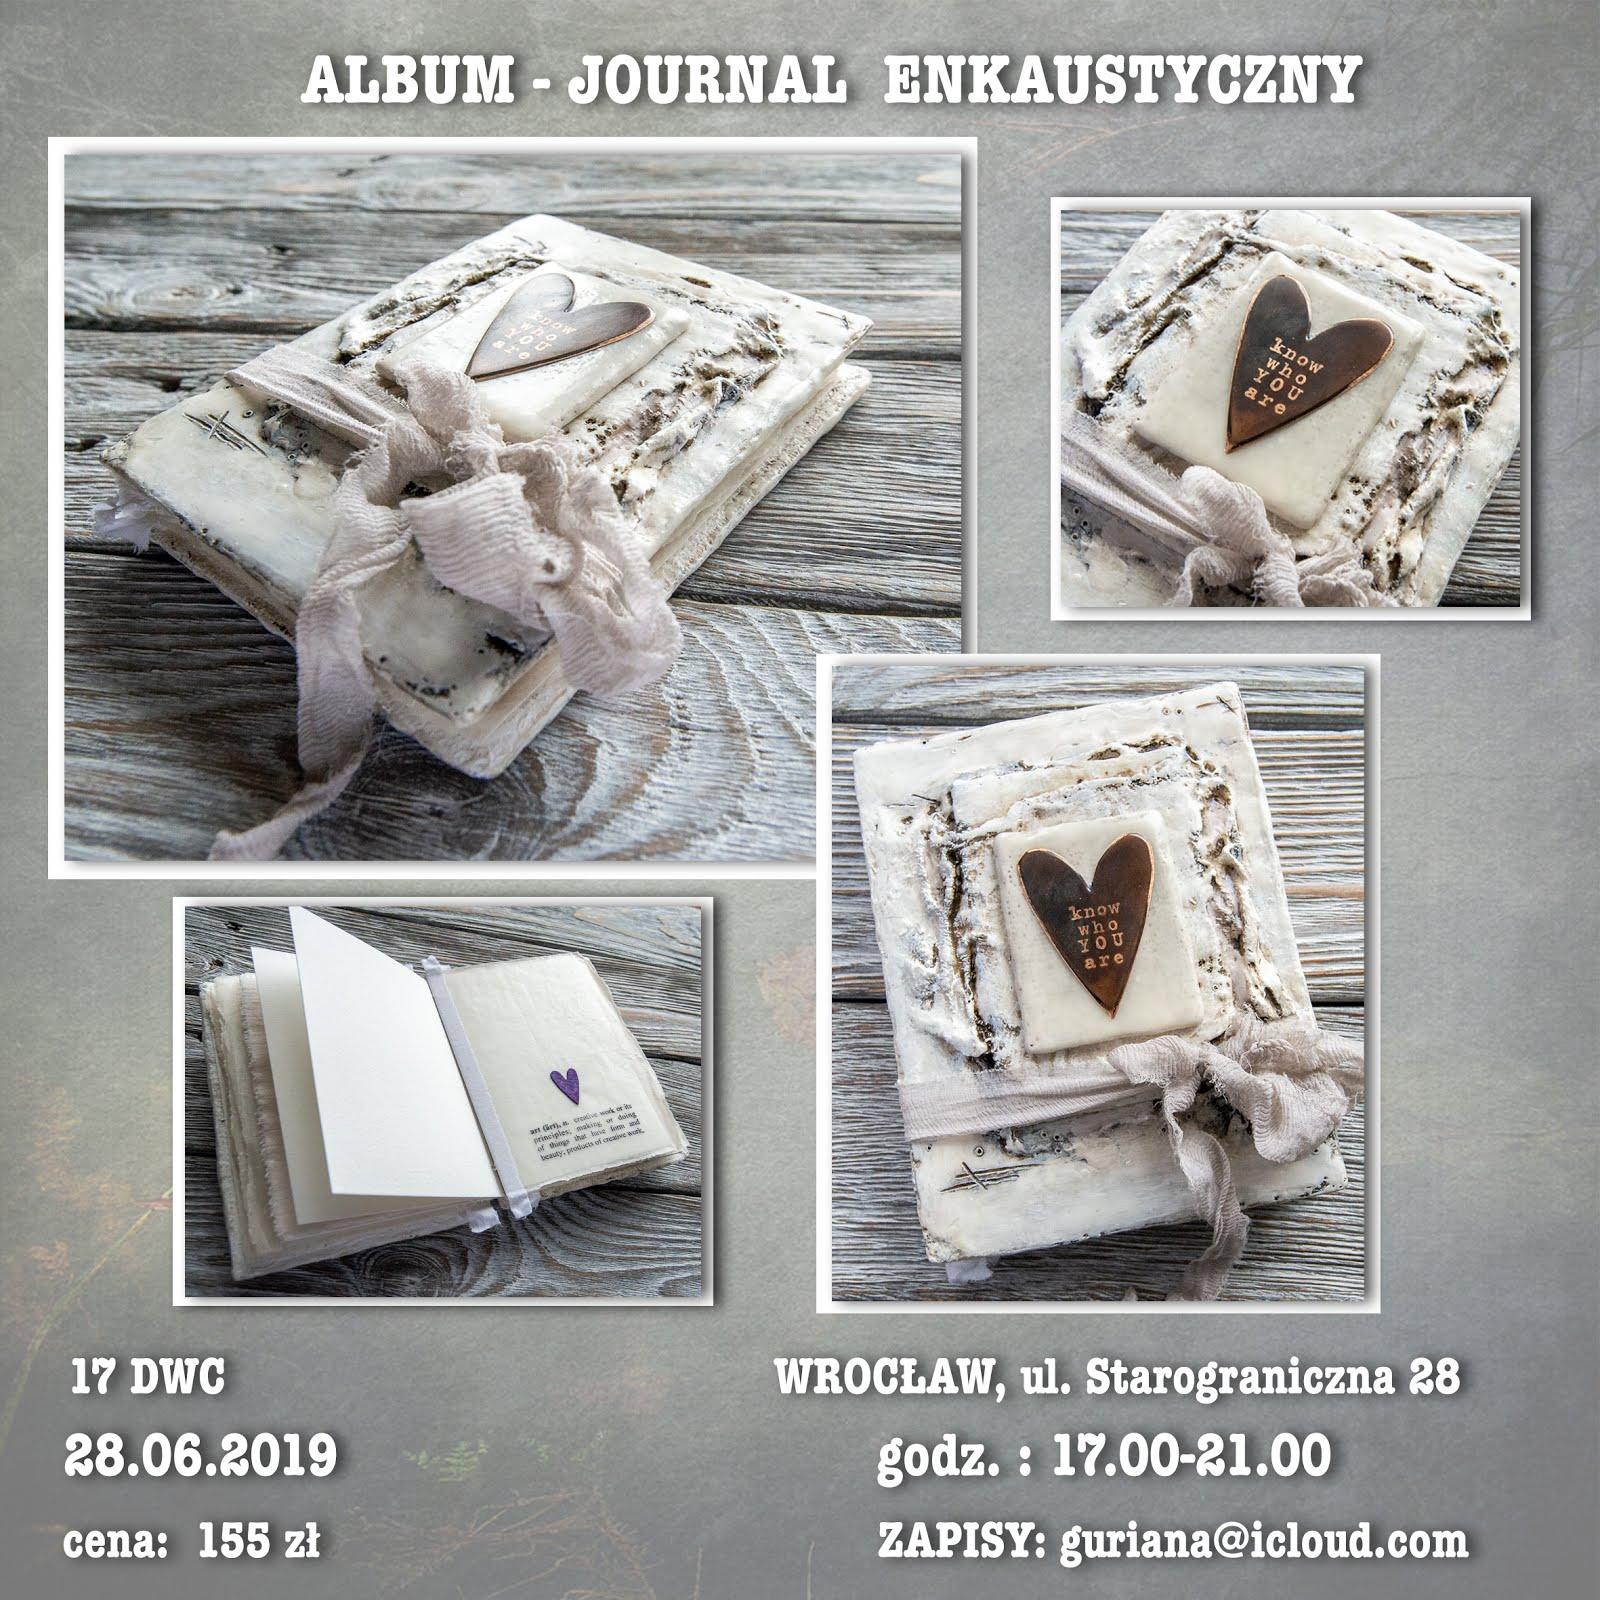 17 DWC Wrocław Album-journal enkaustyczny